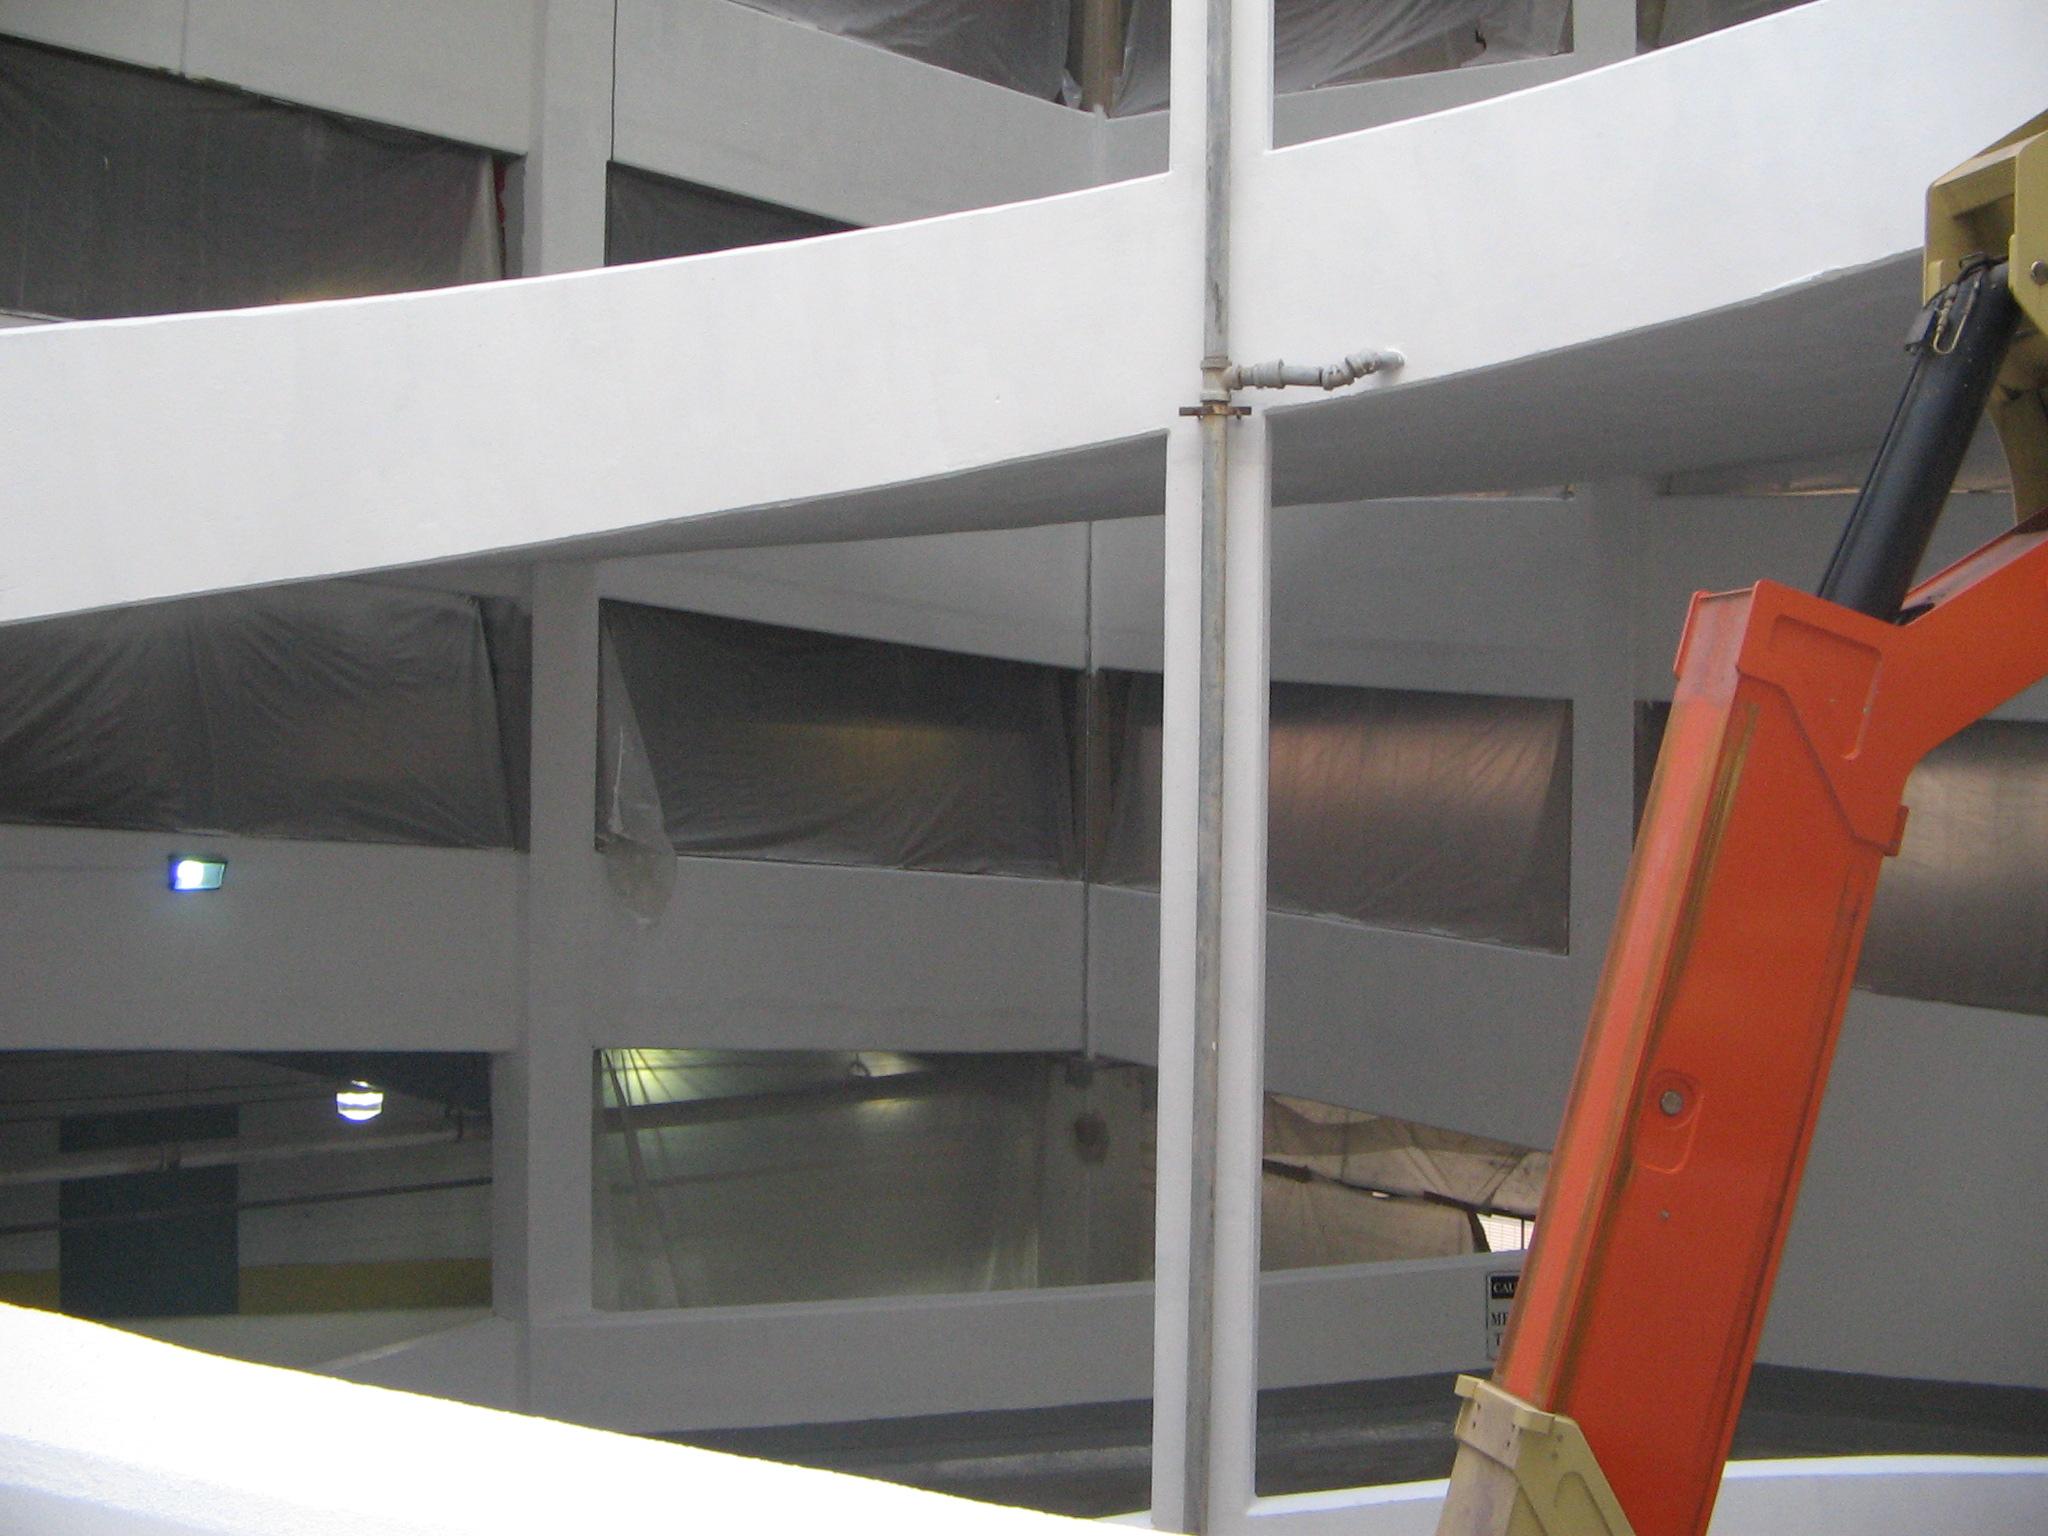 membrane-insallation-complete-19